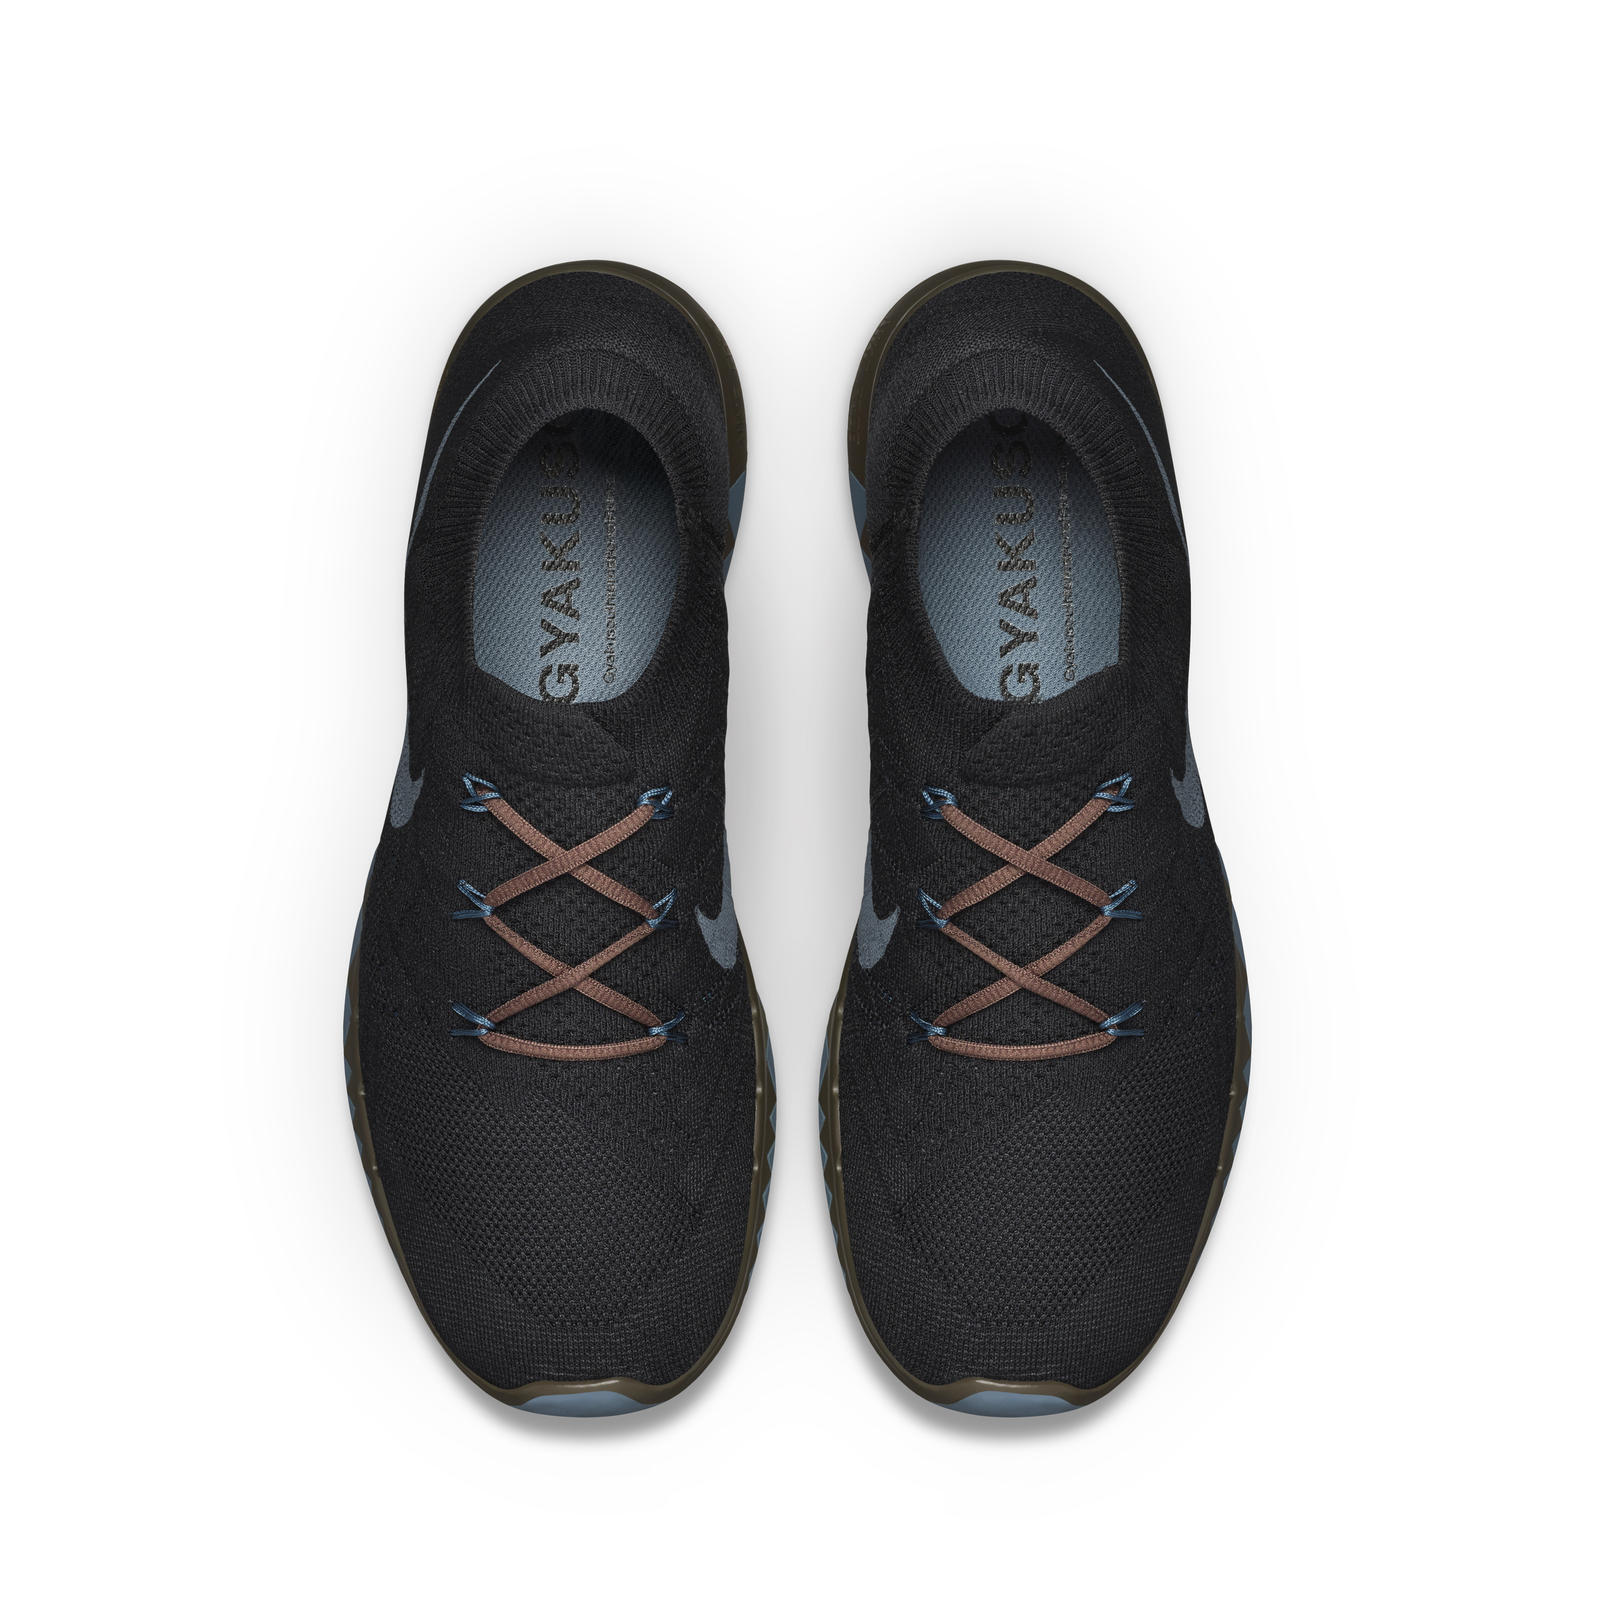 NikeLab x Gyakusou Free 3